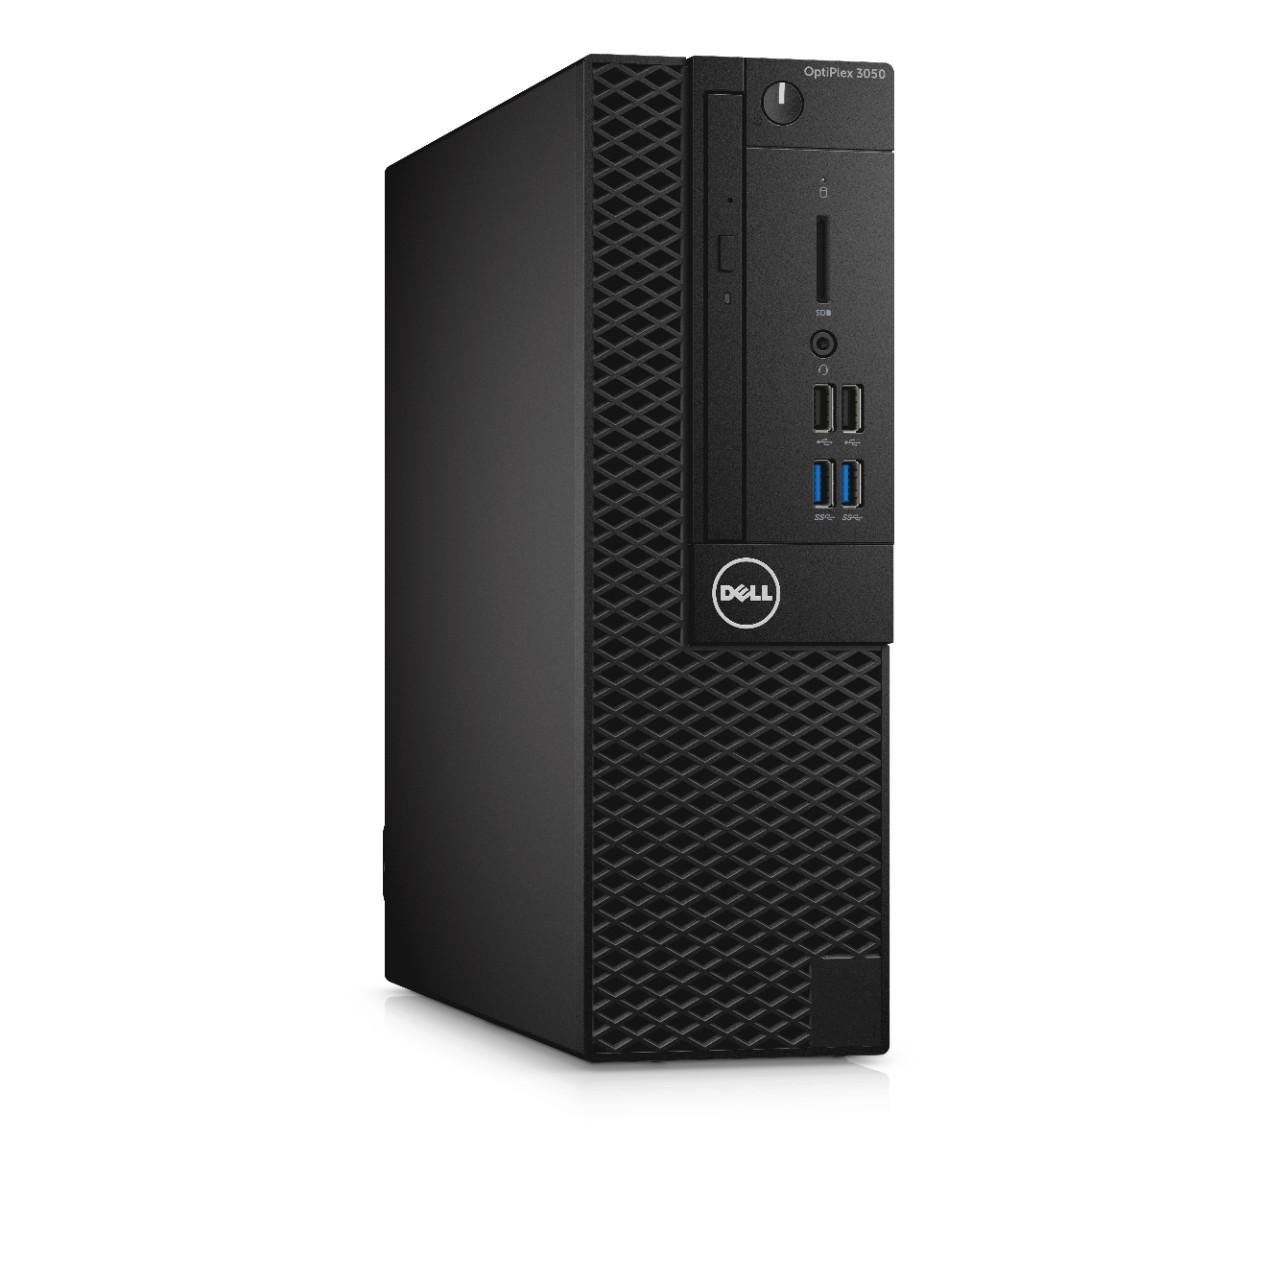 DELL OptiPlex SFF 3050 Core i5-7500/8GB/256GB SSD/Intel HD/Win 10 Pro 64bit/3Yr NBD